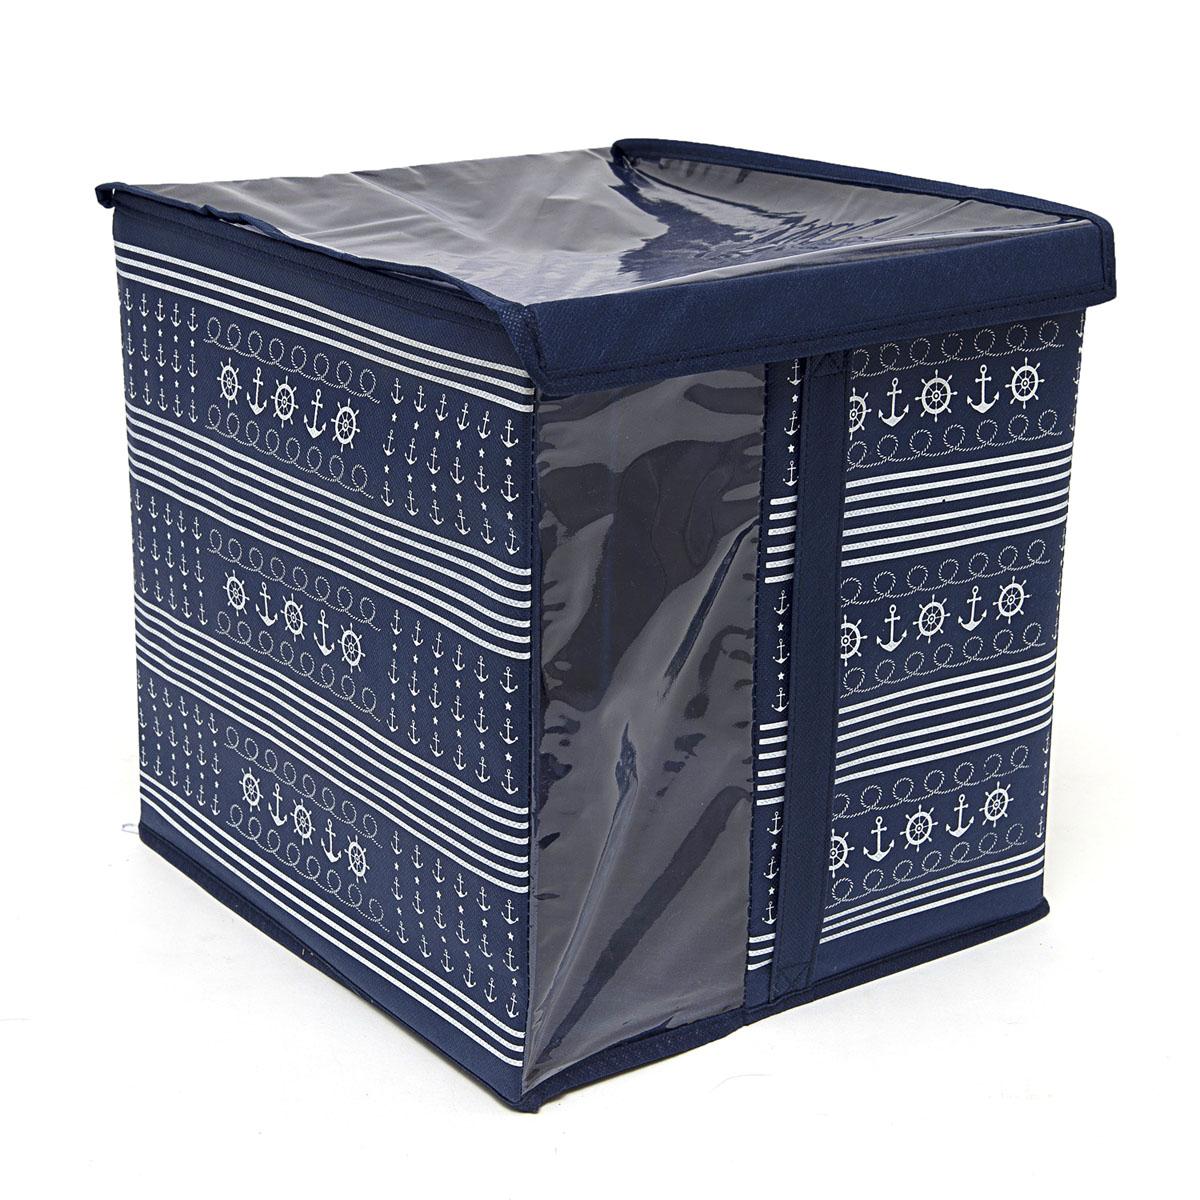 Кофр для хранения Homsu Ocean, с крышкой, 30 х 30 х 32 см6113MКофр для хранения Homsu Ocean изготовлен из высококачественного нетканого полотна и ПВХ. Кофр имеет одно большое отделение, где вы можете хранить различные бытовые вещи, нижнее белье, одежду и многое другое. Вставки из картона обеспечивают прочность конструкции. Стильный принт, модный цвет и качество исполнения сделают такой кофр незаменимым для хранения ваших вещей.